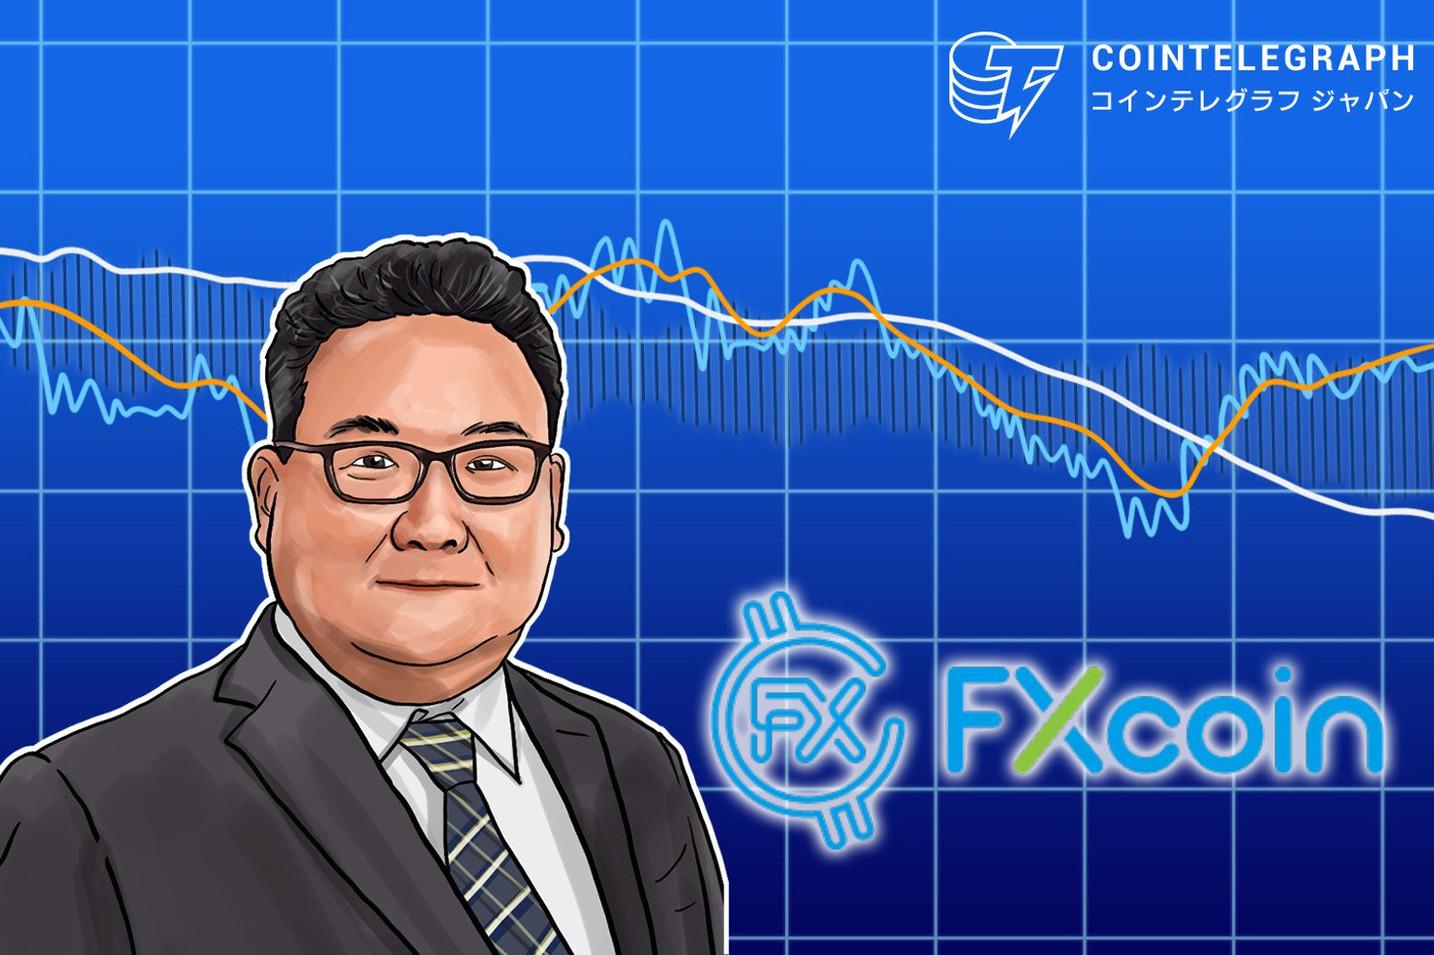 昨日はXRPが相場を牽引、次はビットコインか?【仮想通貨相場】